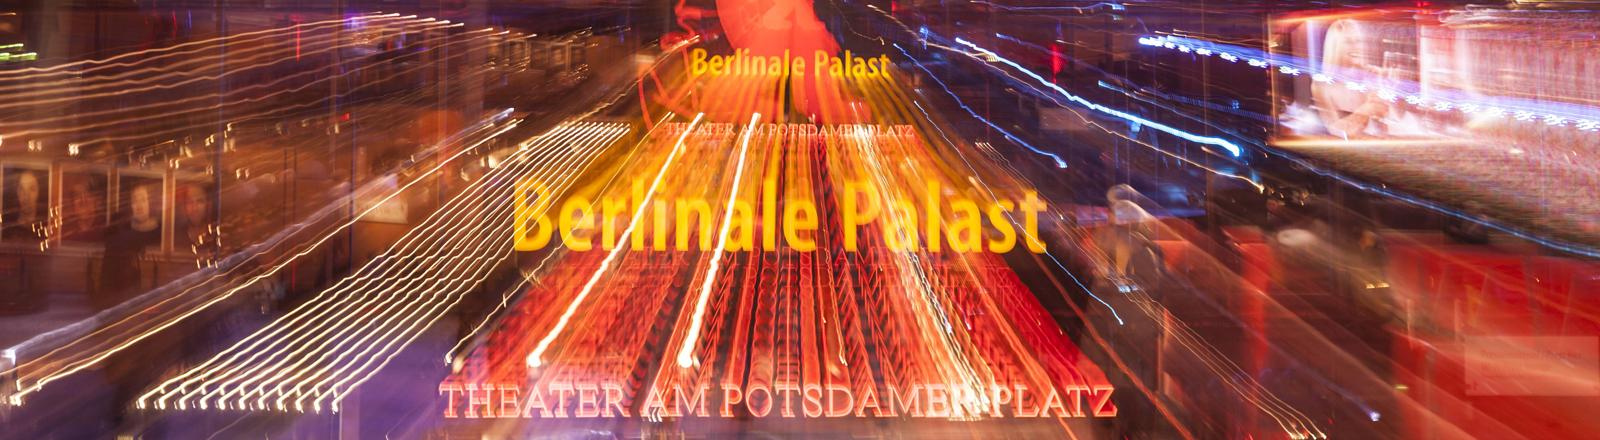 Berlinale Filmpalast